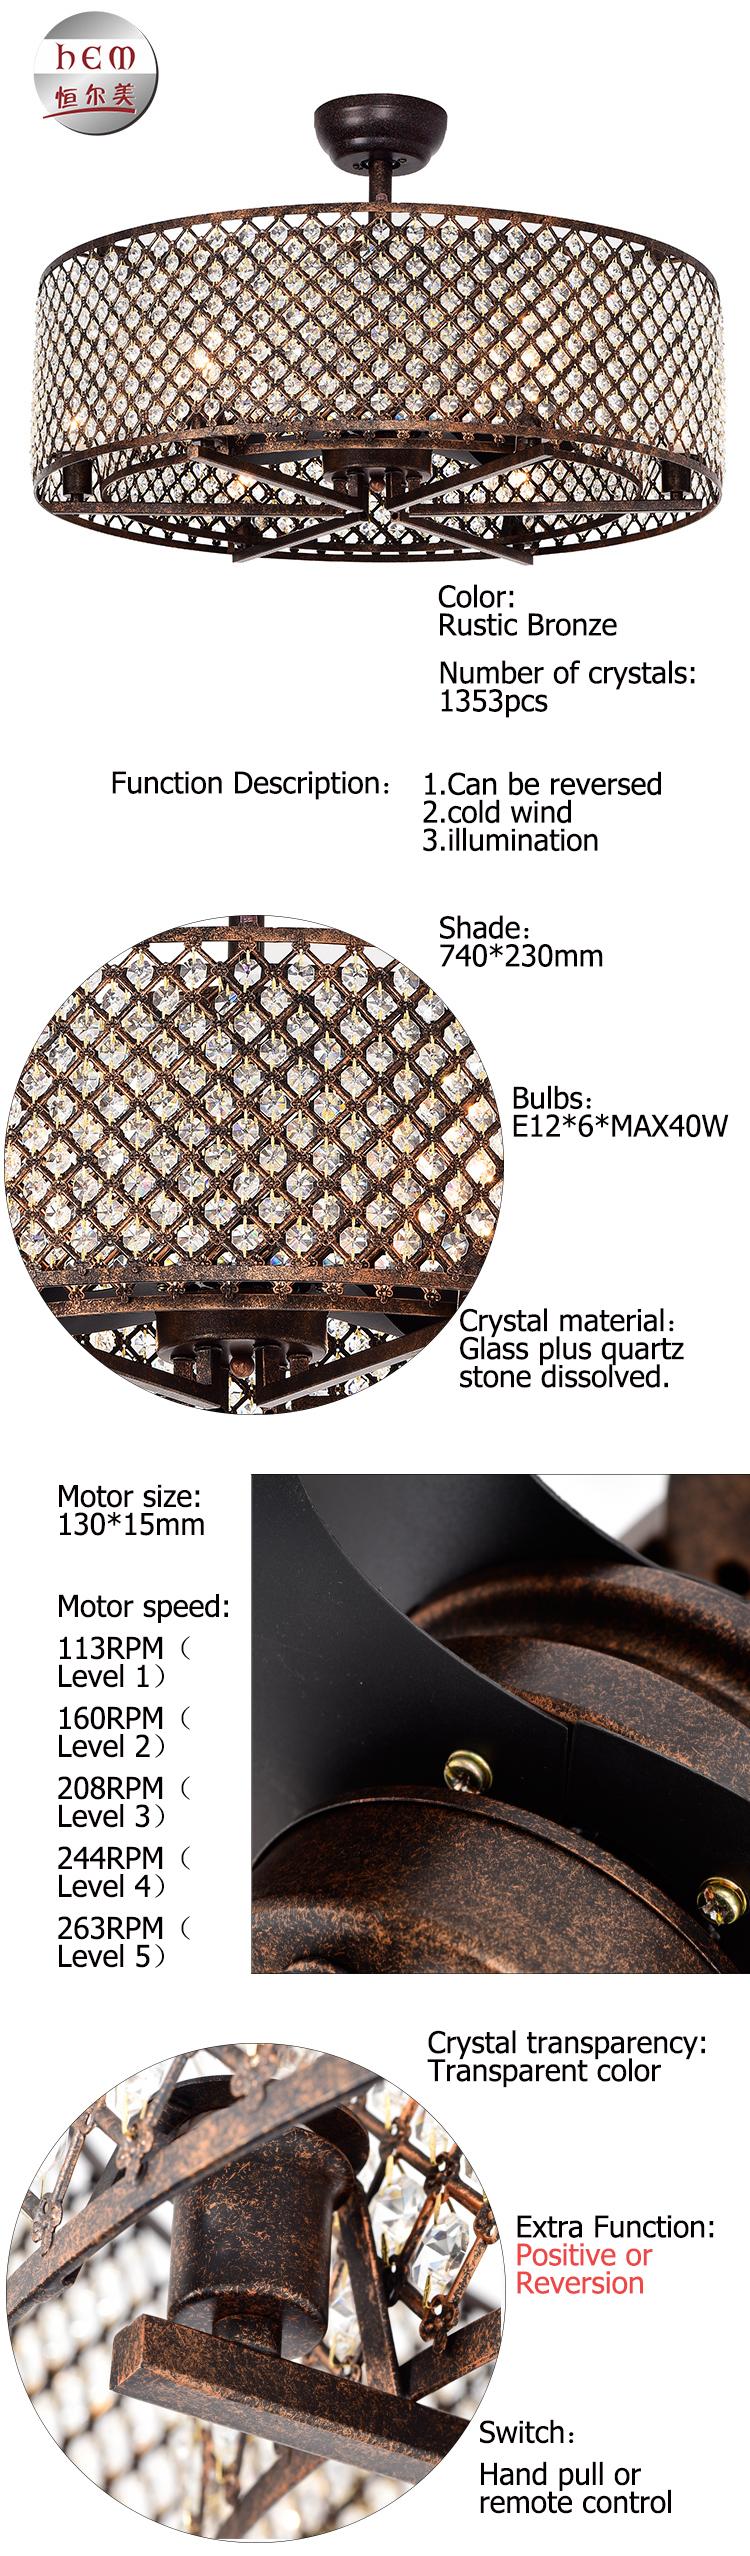 Image of: Crystal Chandelier Fancy Dc Motor Ceiling Fan Light Kit Cheap Price Ceiling Fan With Light Buy Dc Motor Ceiling Fan Ceiling Fan Light Kit Best Seller Ceiling Fan Product On Alibaba Com